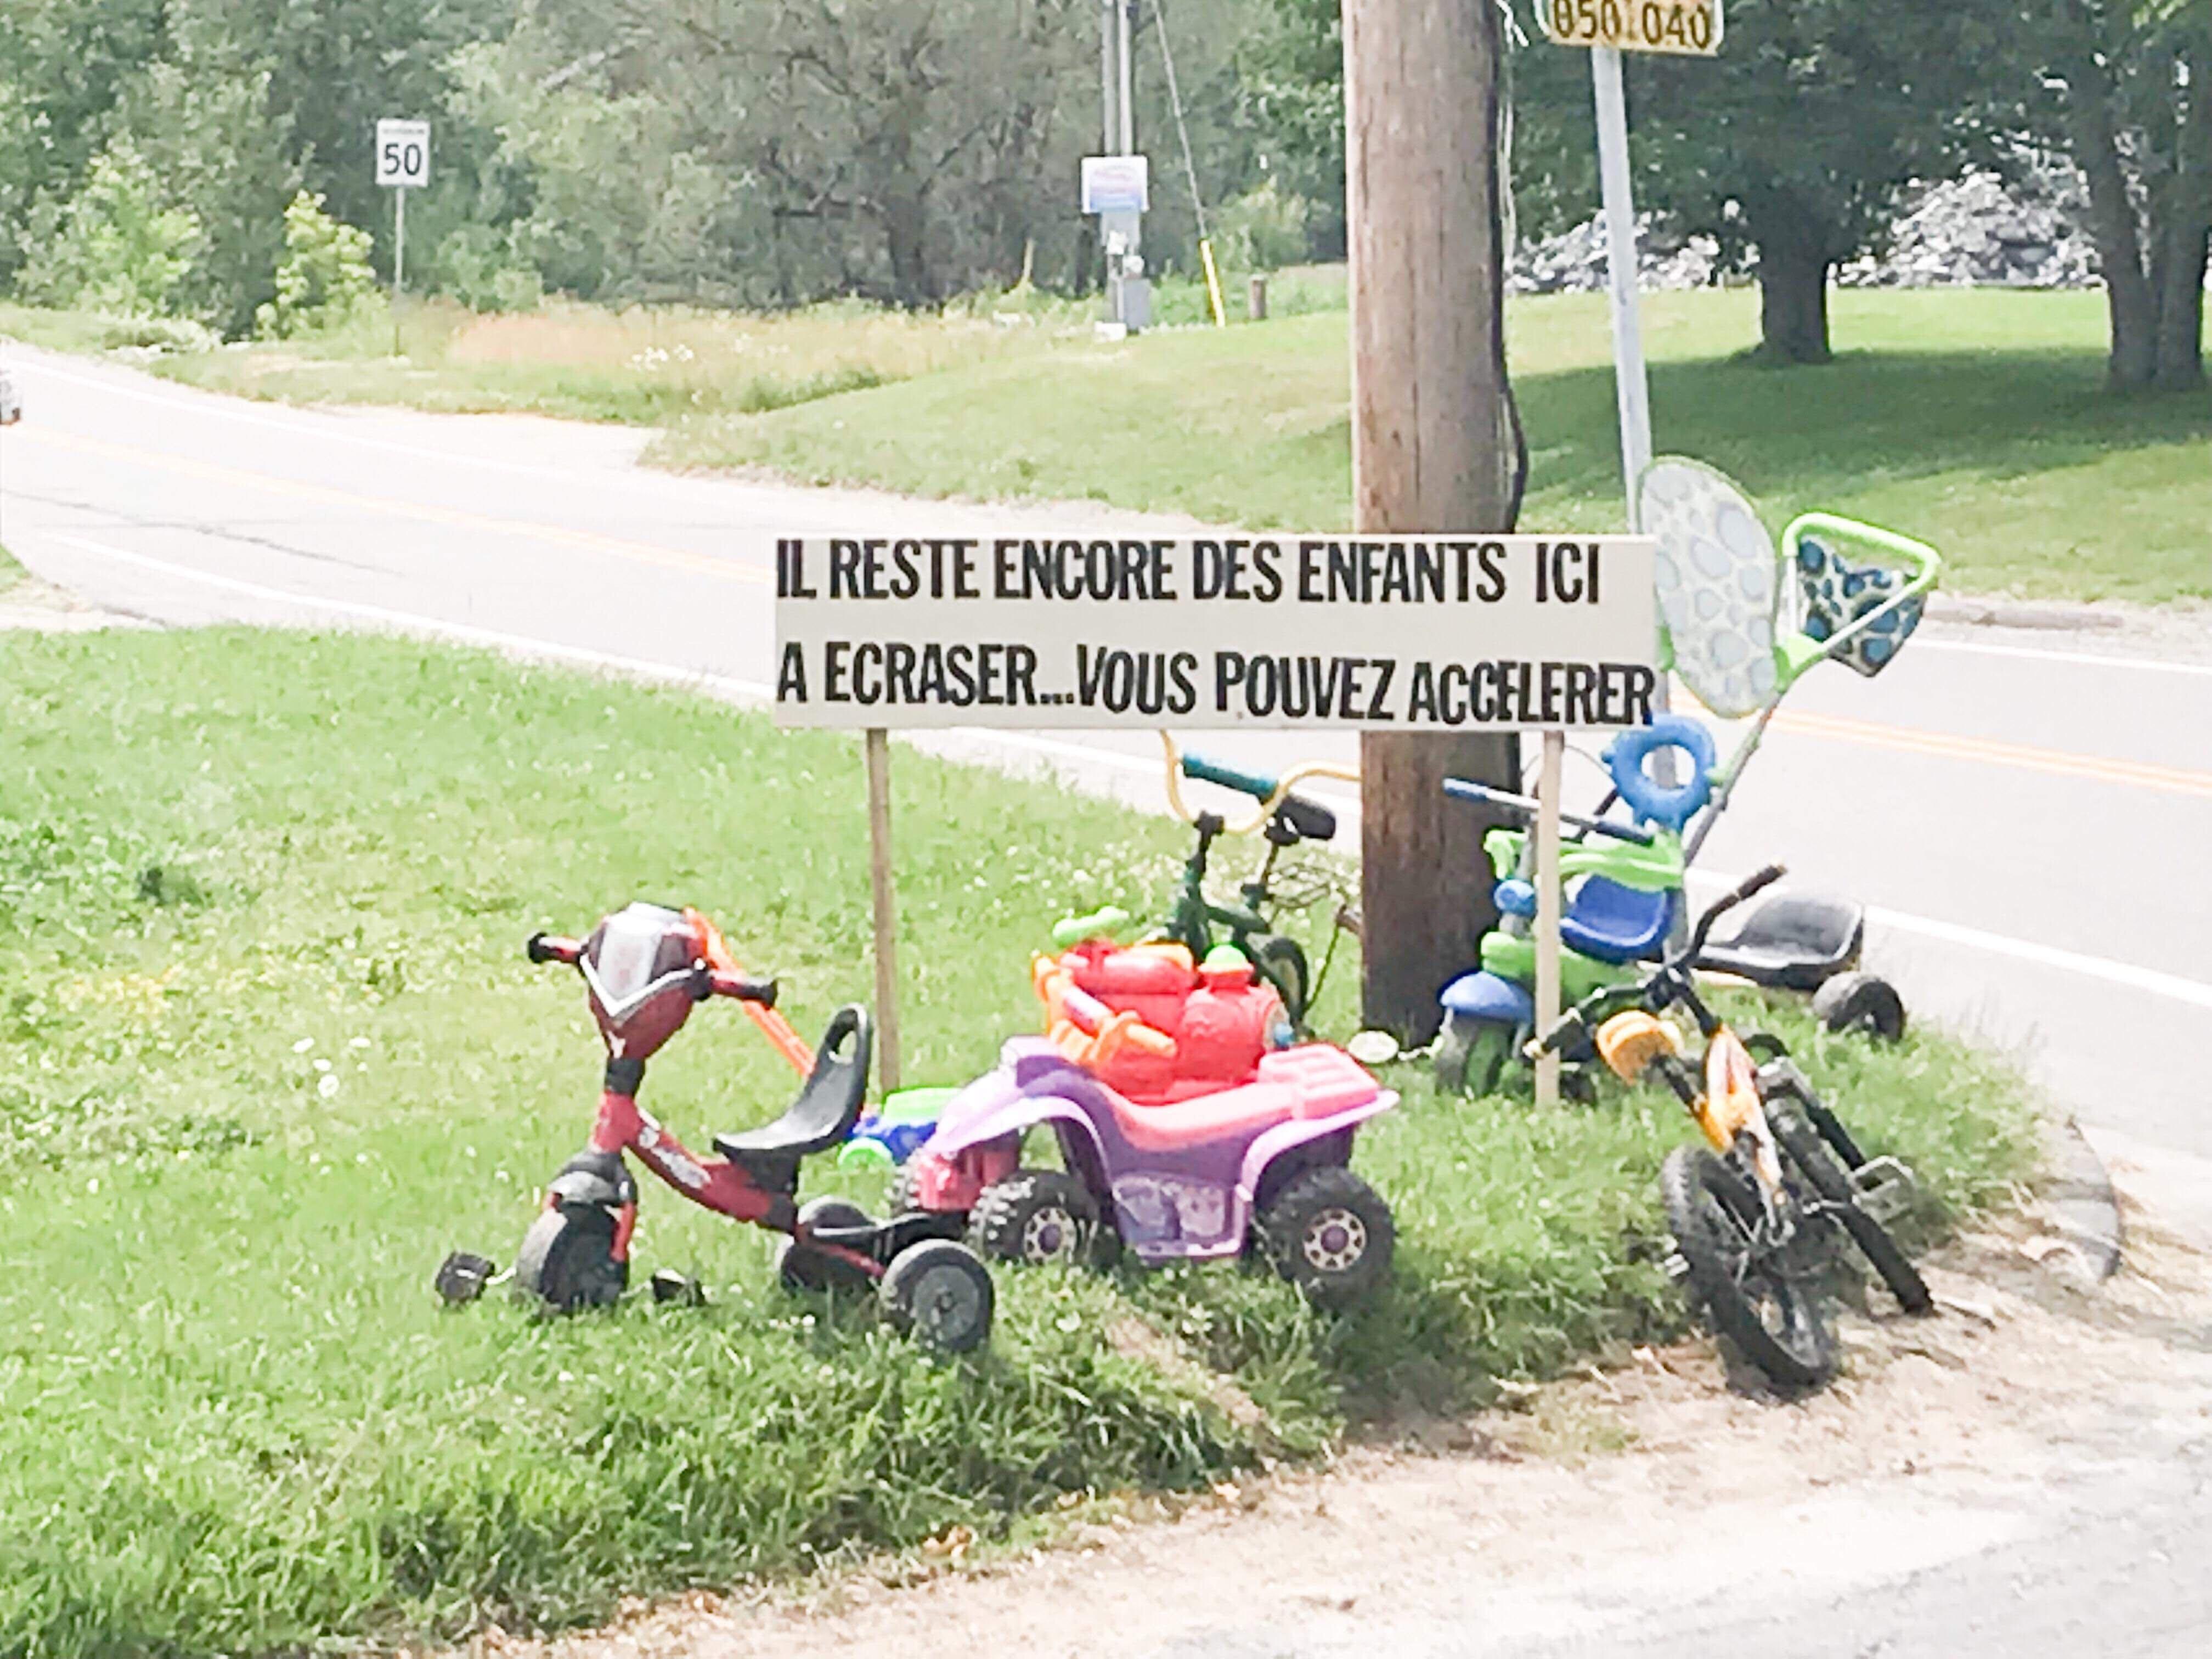 Une affiche-choc pour éviter que des enfants soient frappés